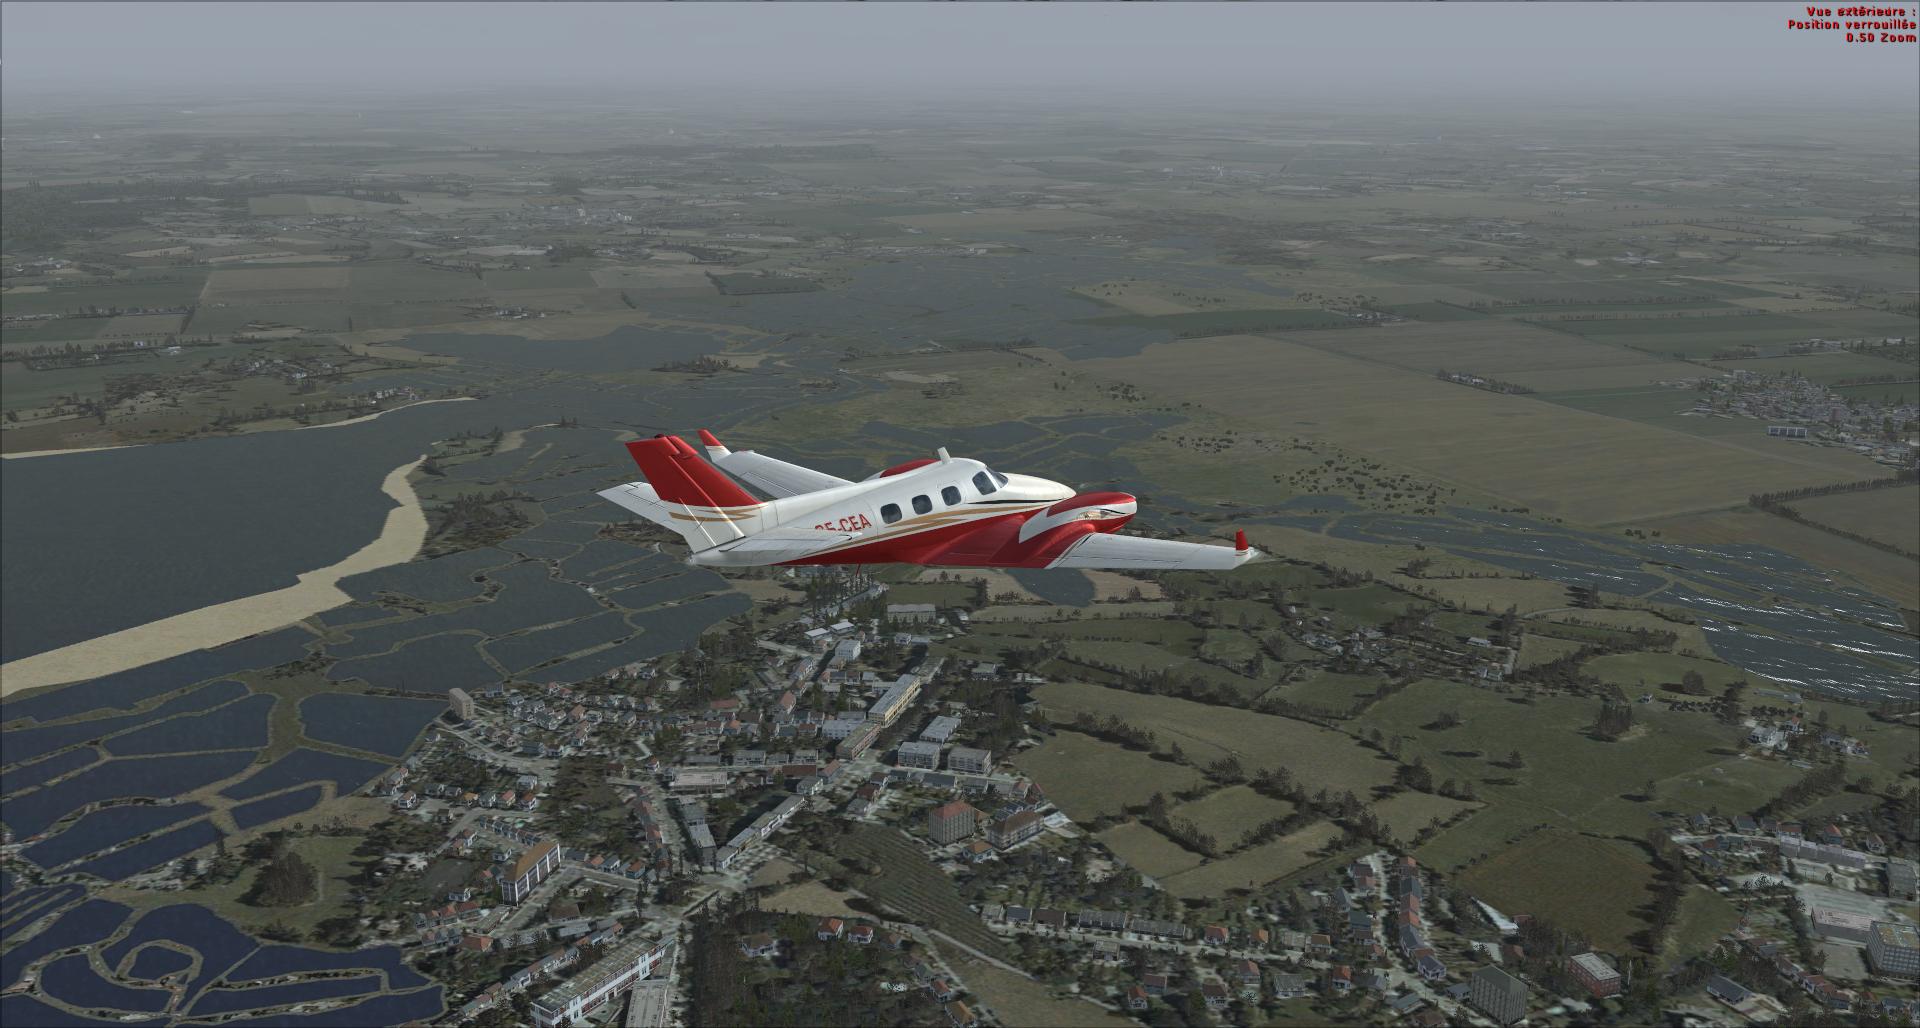 Rapport du vol: Ouessant (LFEC) à Ile de Re (LFBH) 9705322014114211844237